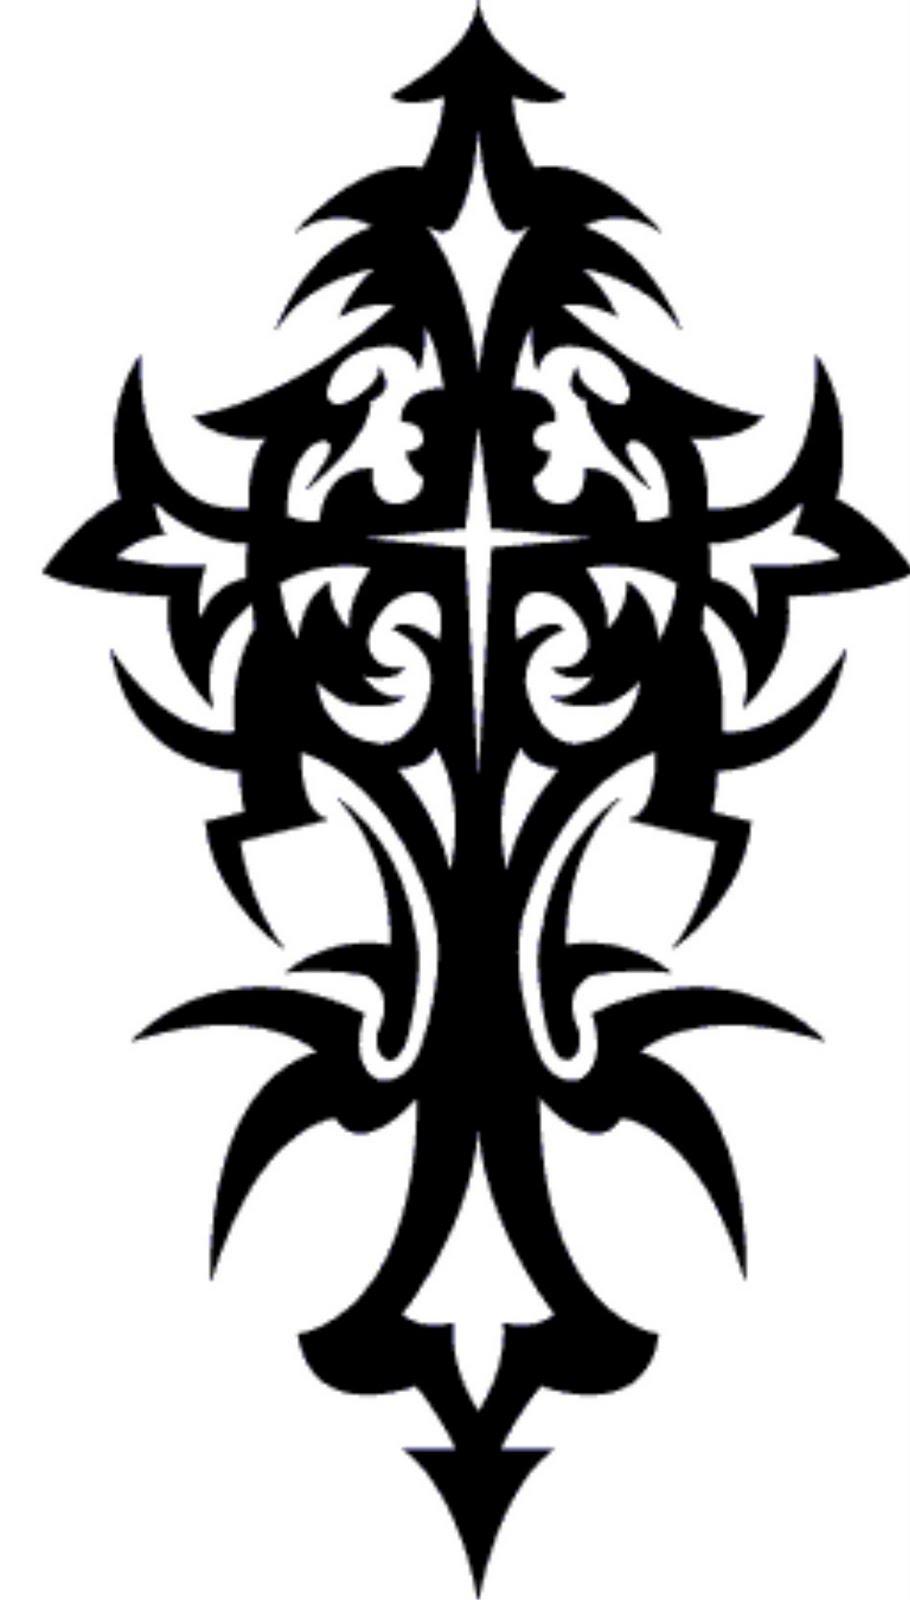 910x1600 8 Tribal Cross Tattoo Designs And Stencils